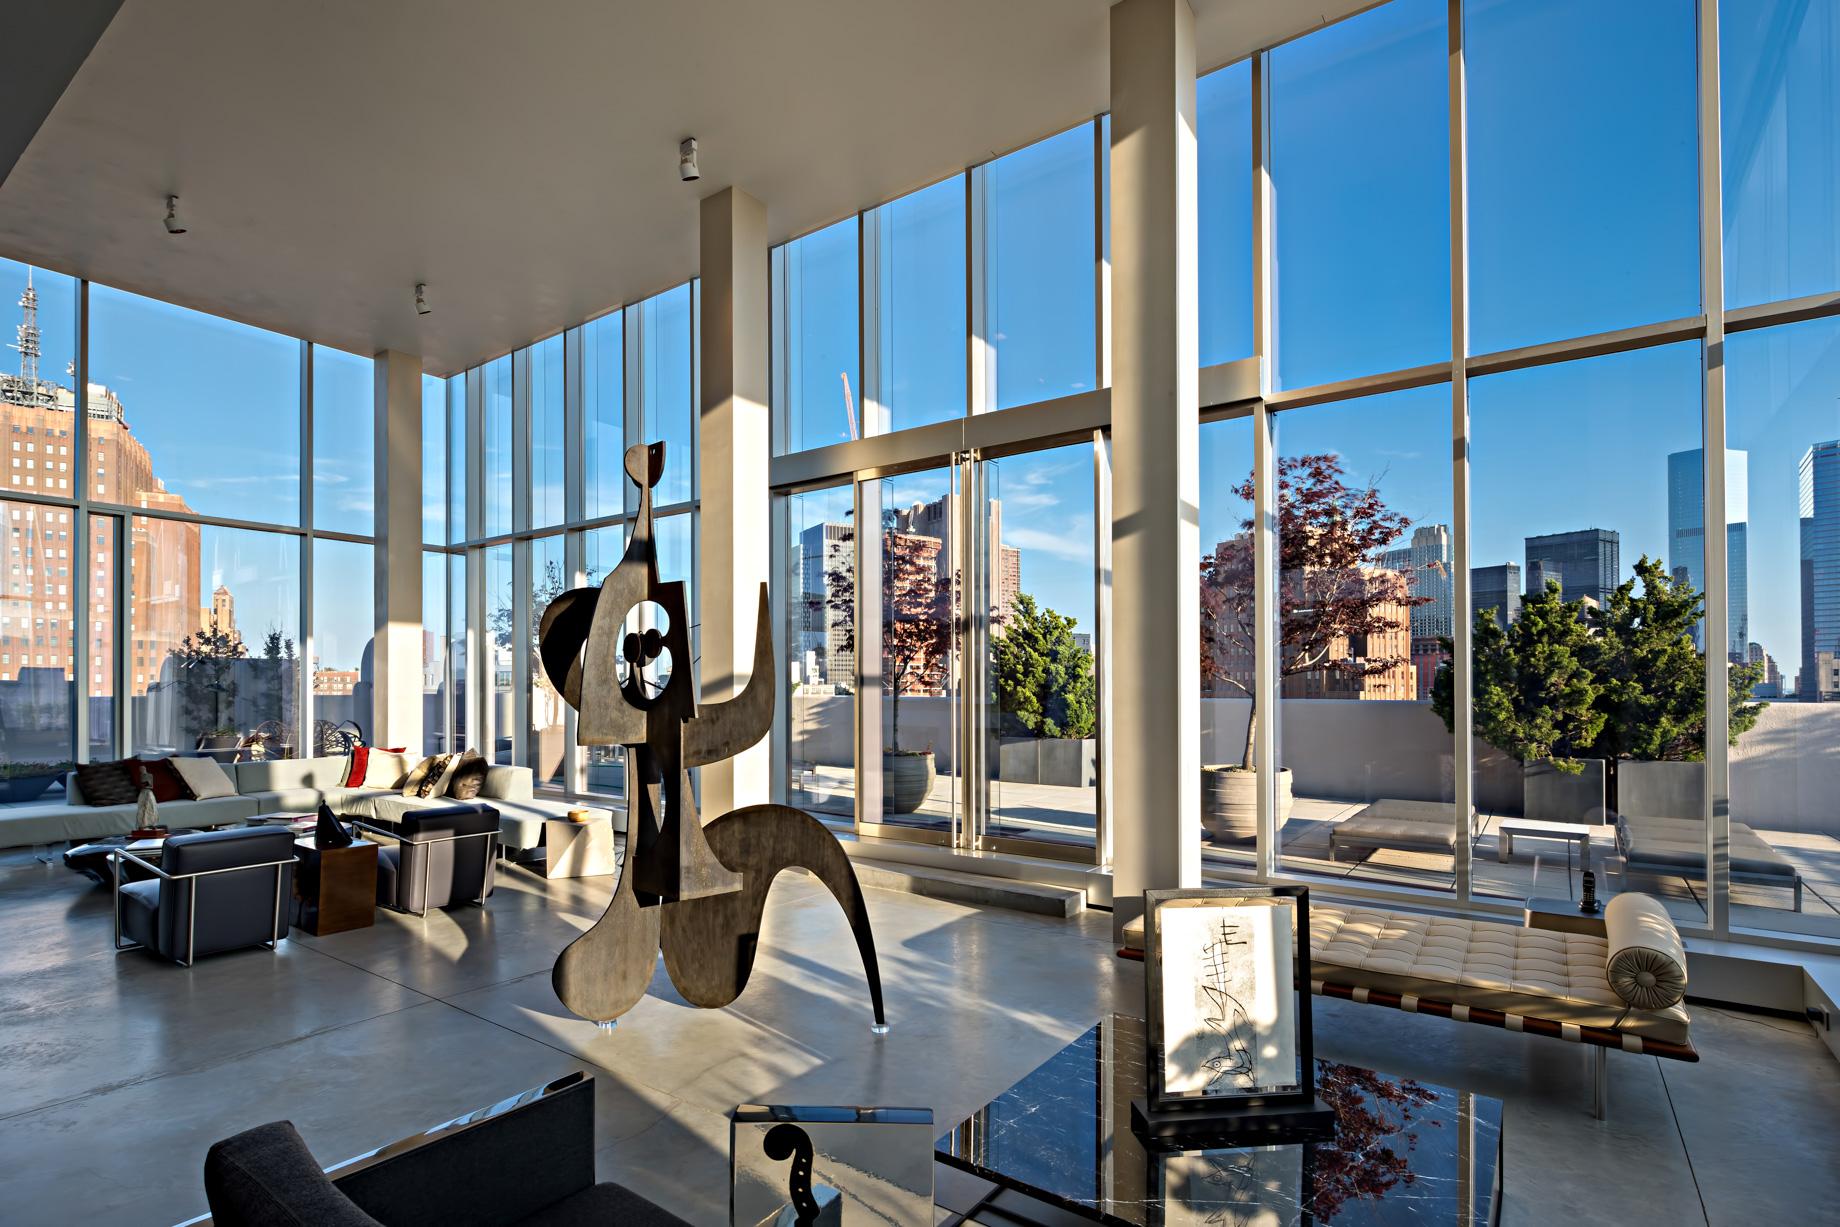 Sky Lofts Glasshouse Penthouse - New York, NY, USA